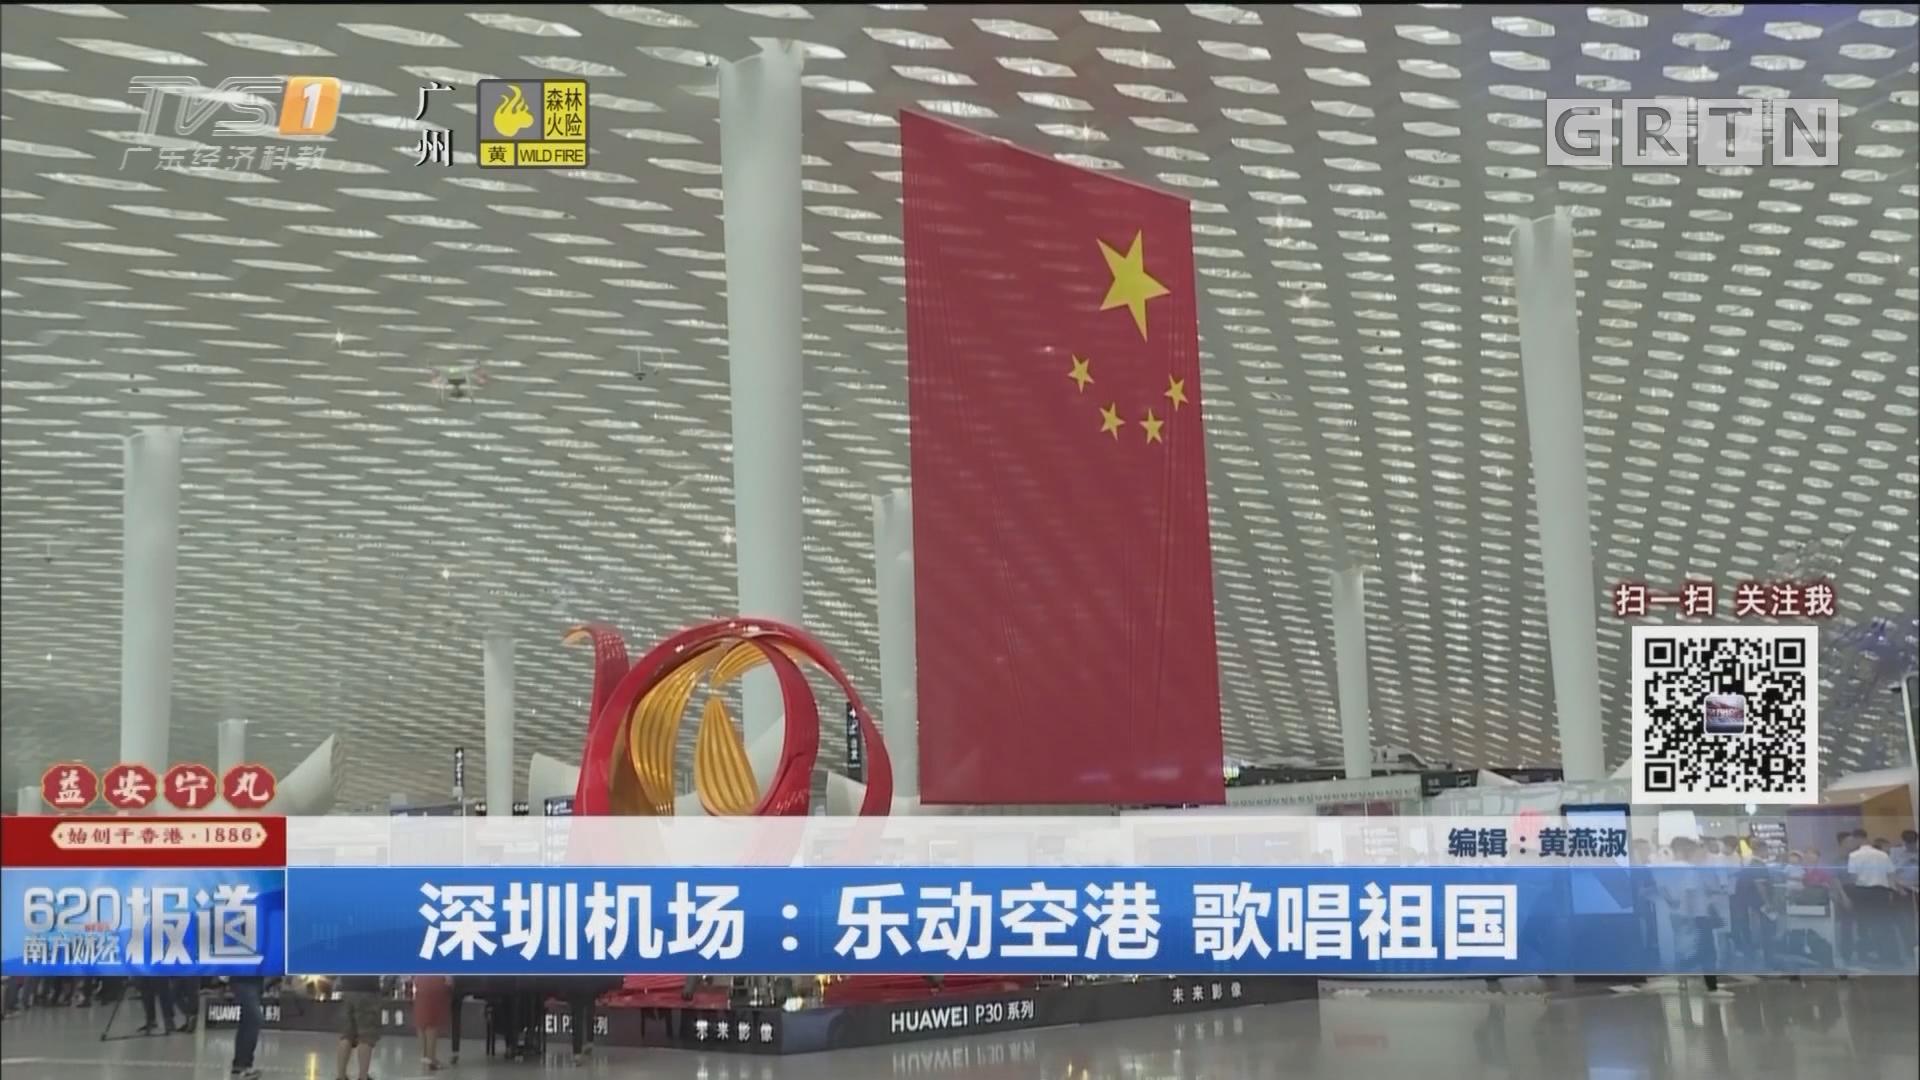 深圳机场:乐动空港 歌唱祖国